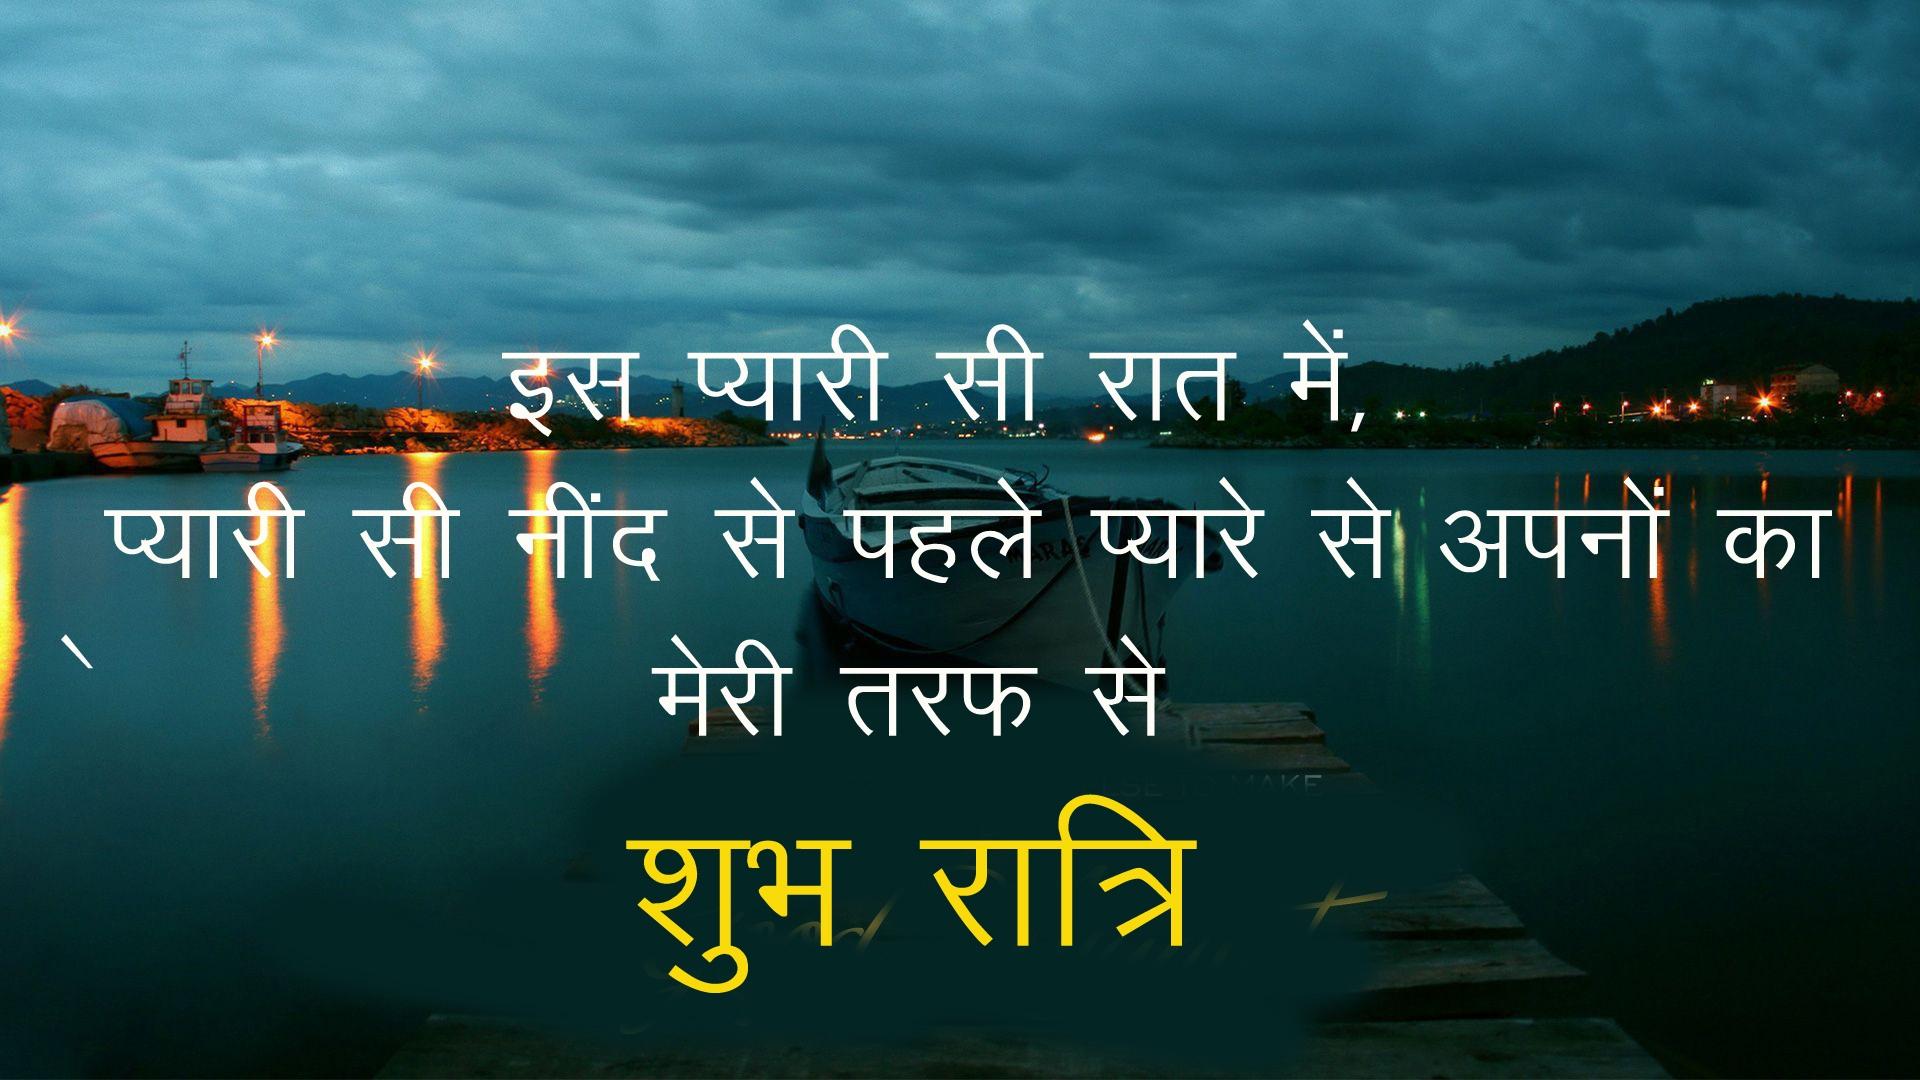 Free Hindi Quotes Good Night Pics Download